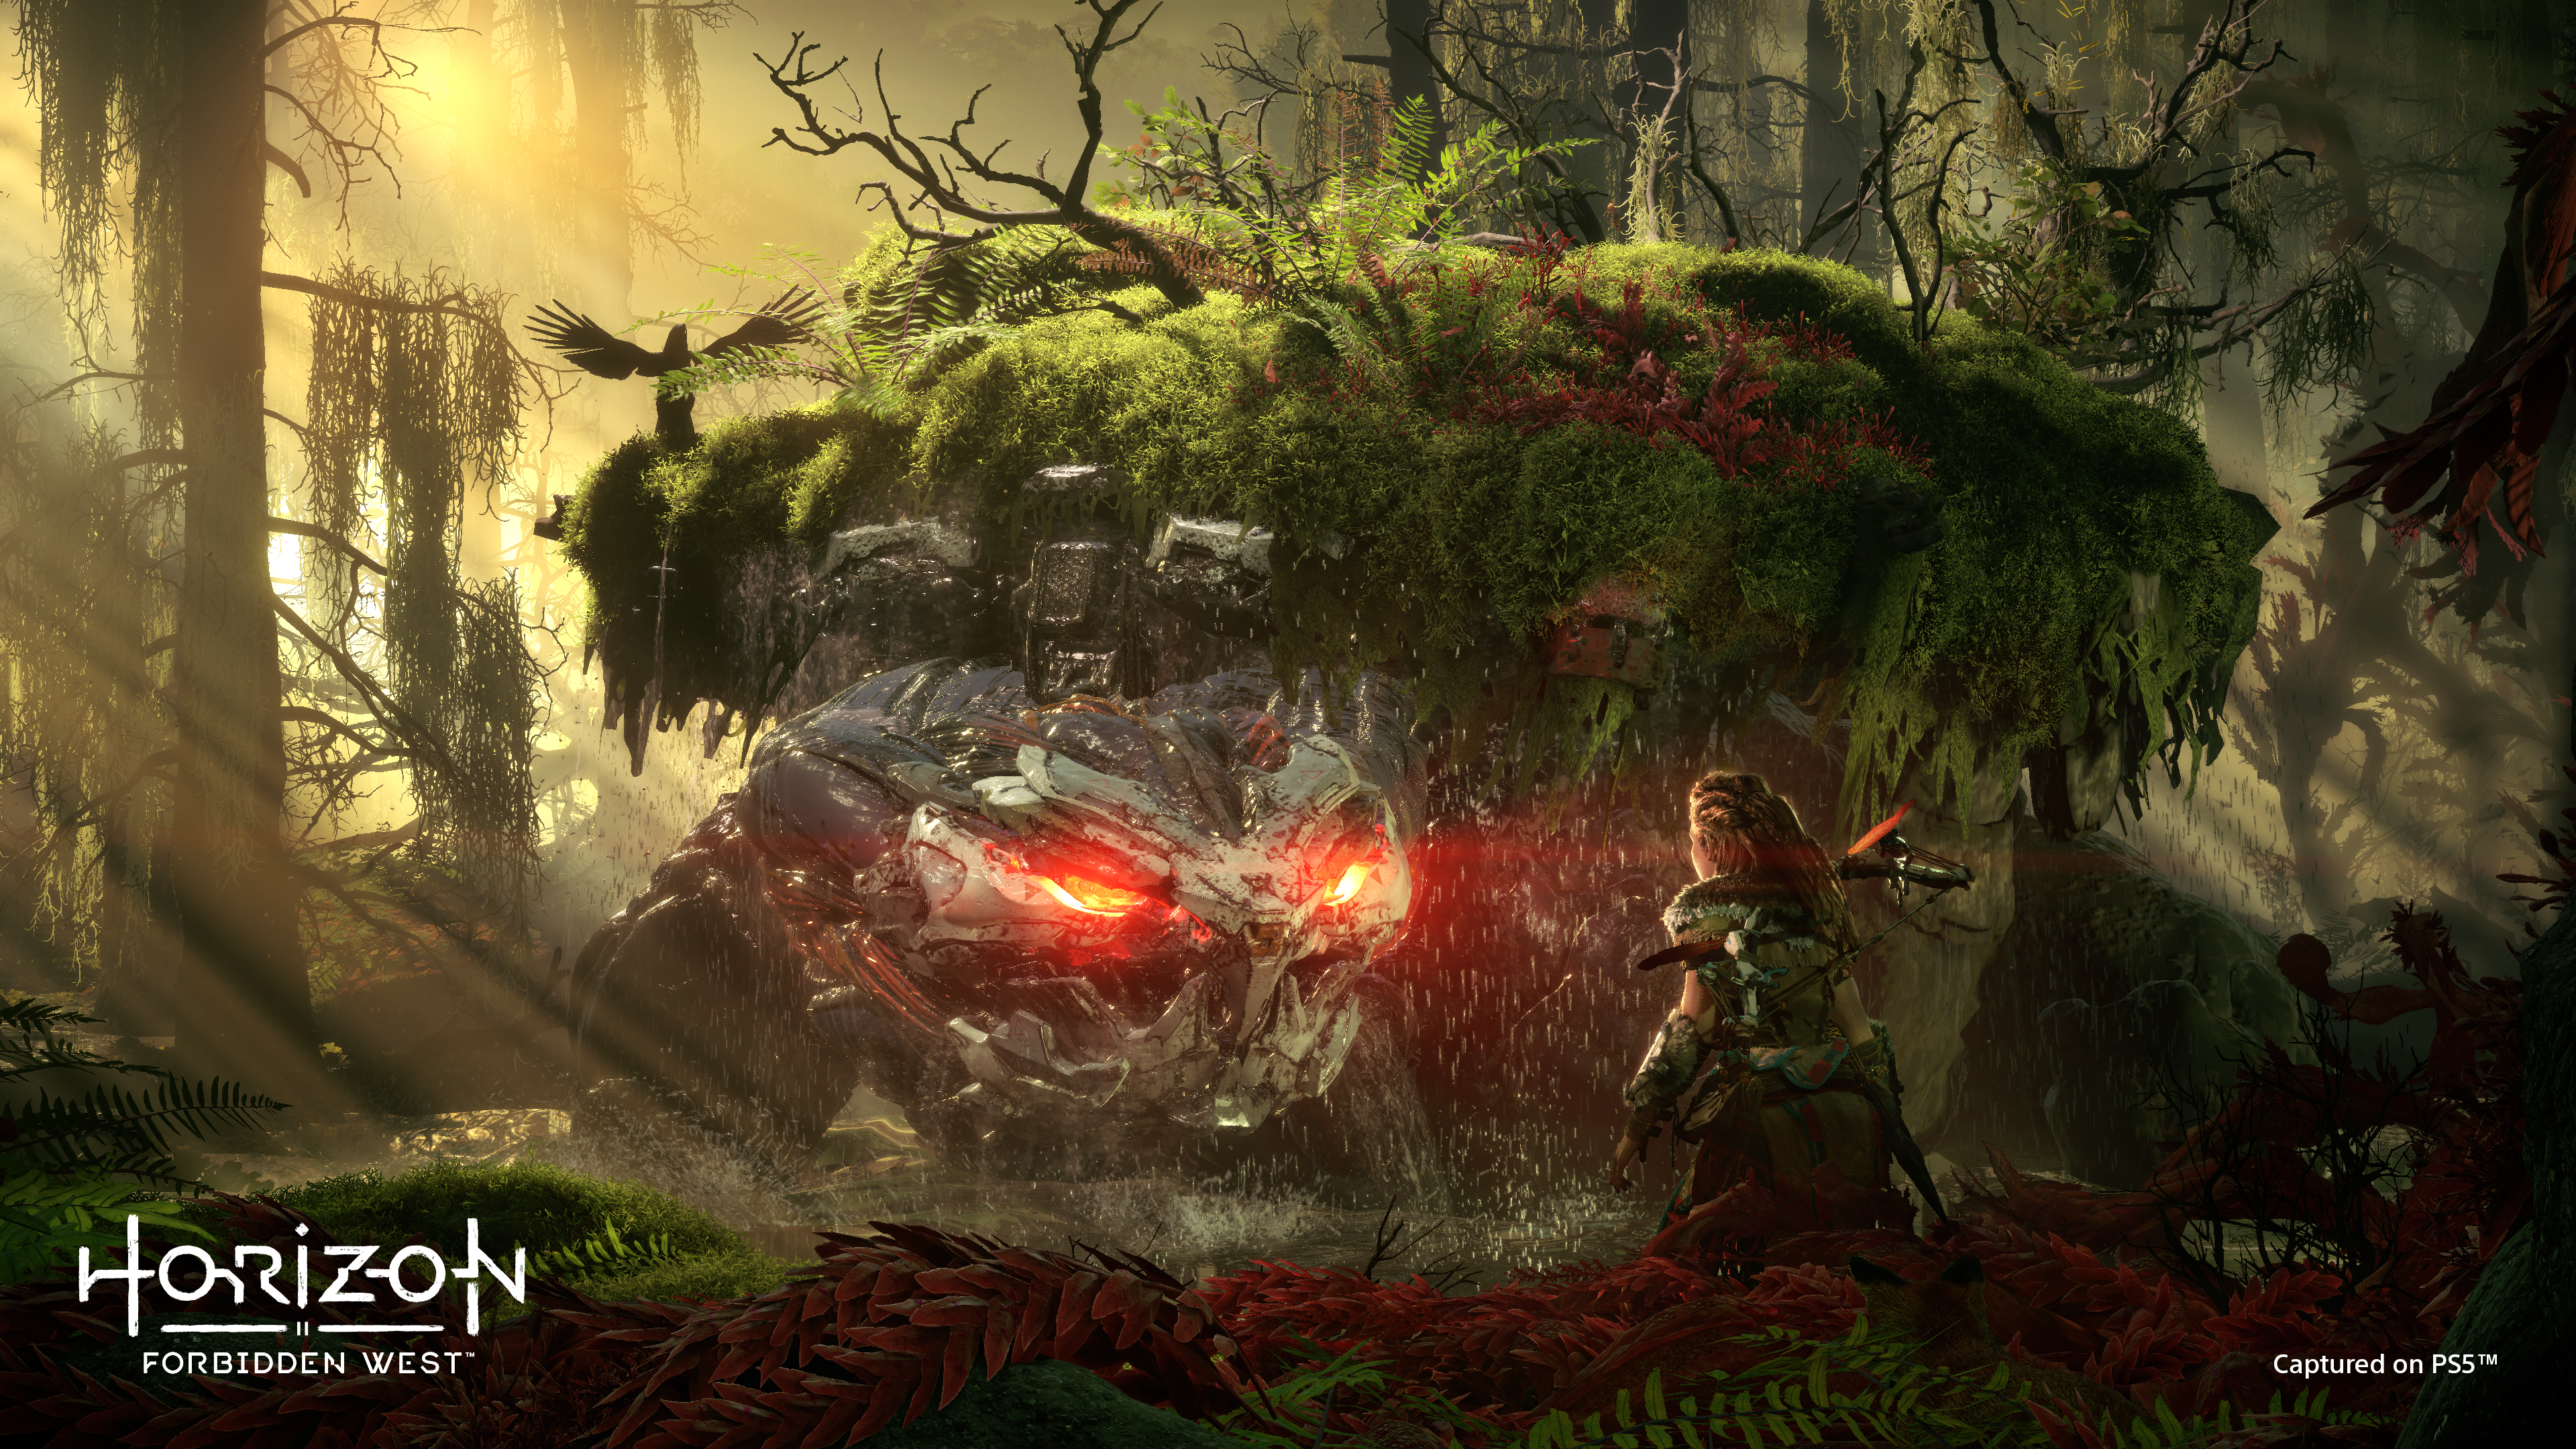 Horizon Forbidden para PS5 West é a sequência de Horizon Zero Dawn, o jogo pós-apocalíptico de mundo aberto, estrelado por uma jovem heroína.